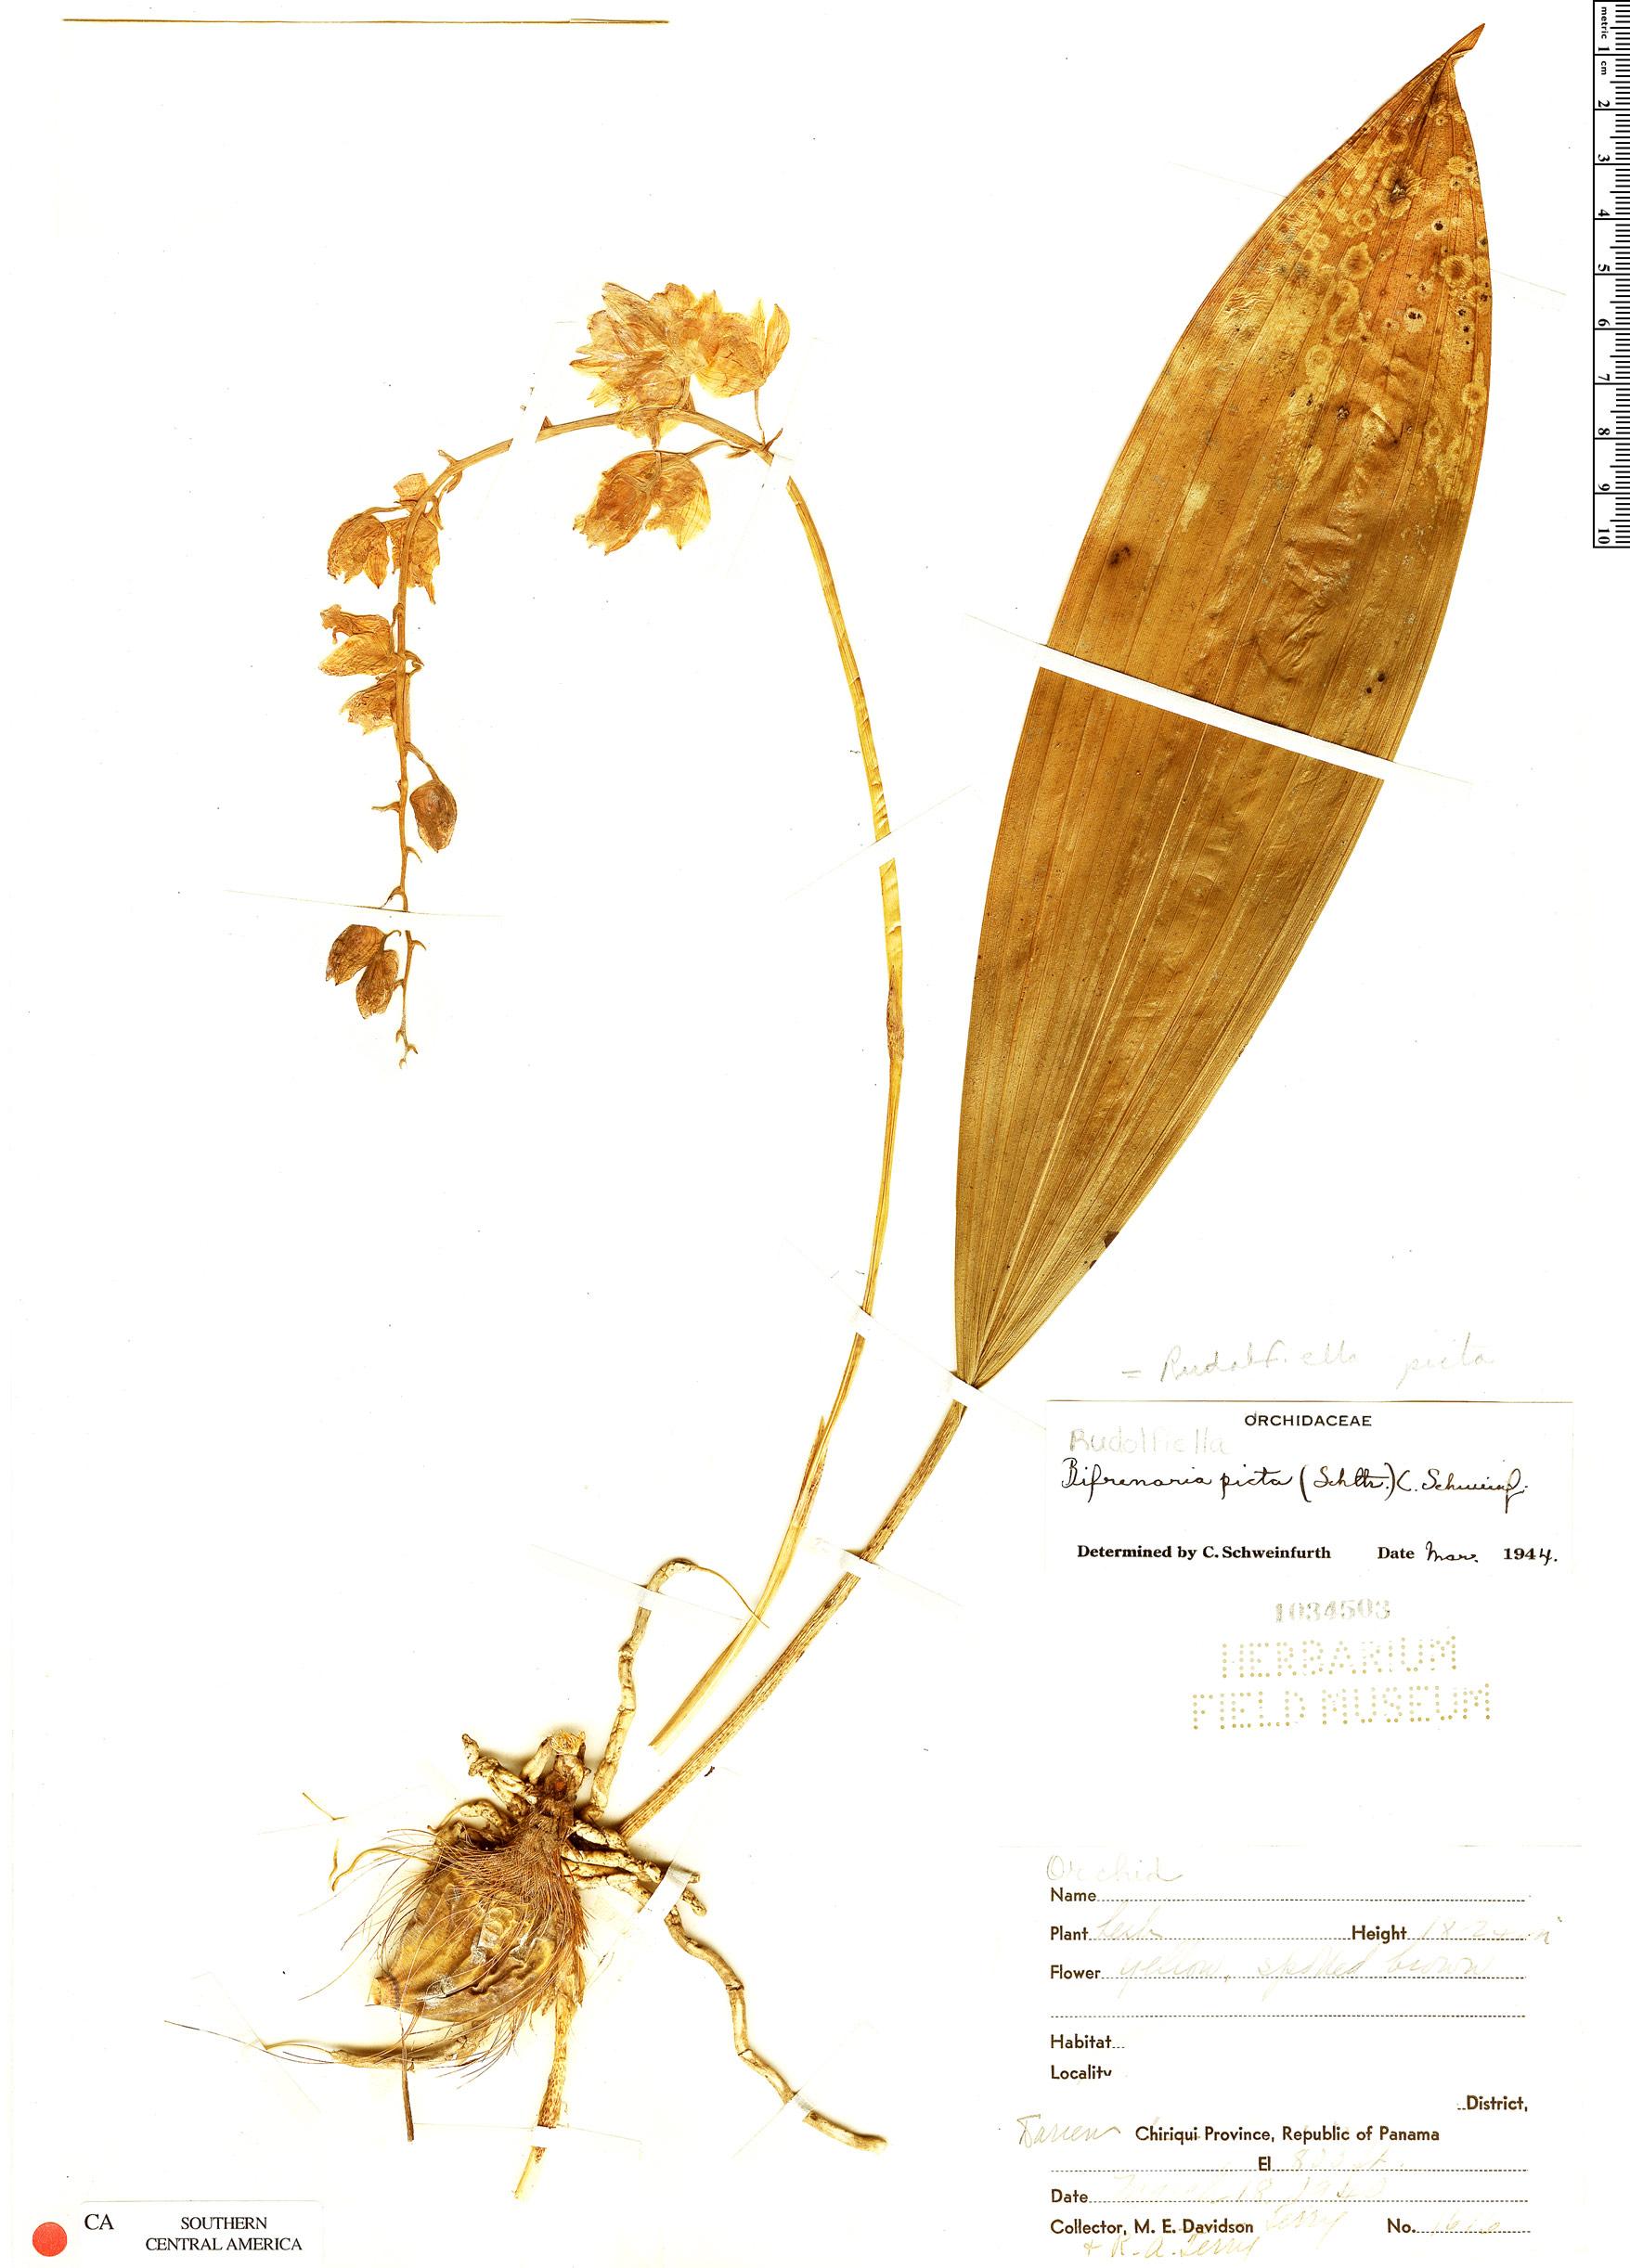 Specimen: Rudolfiella picta